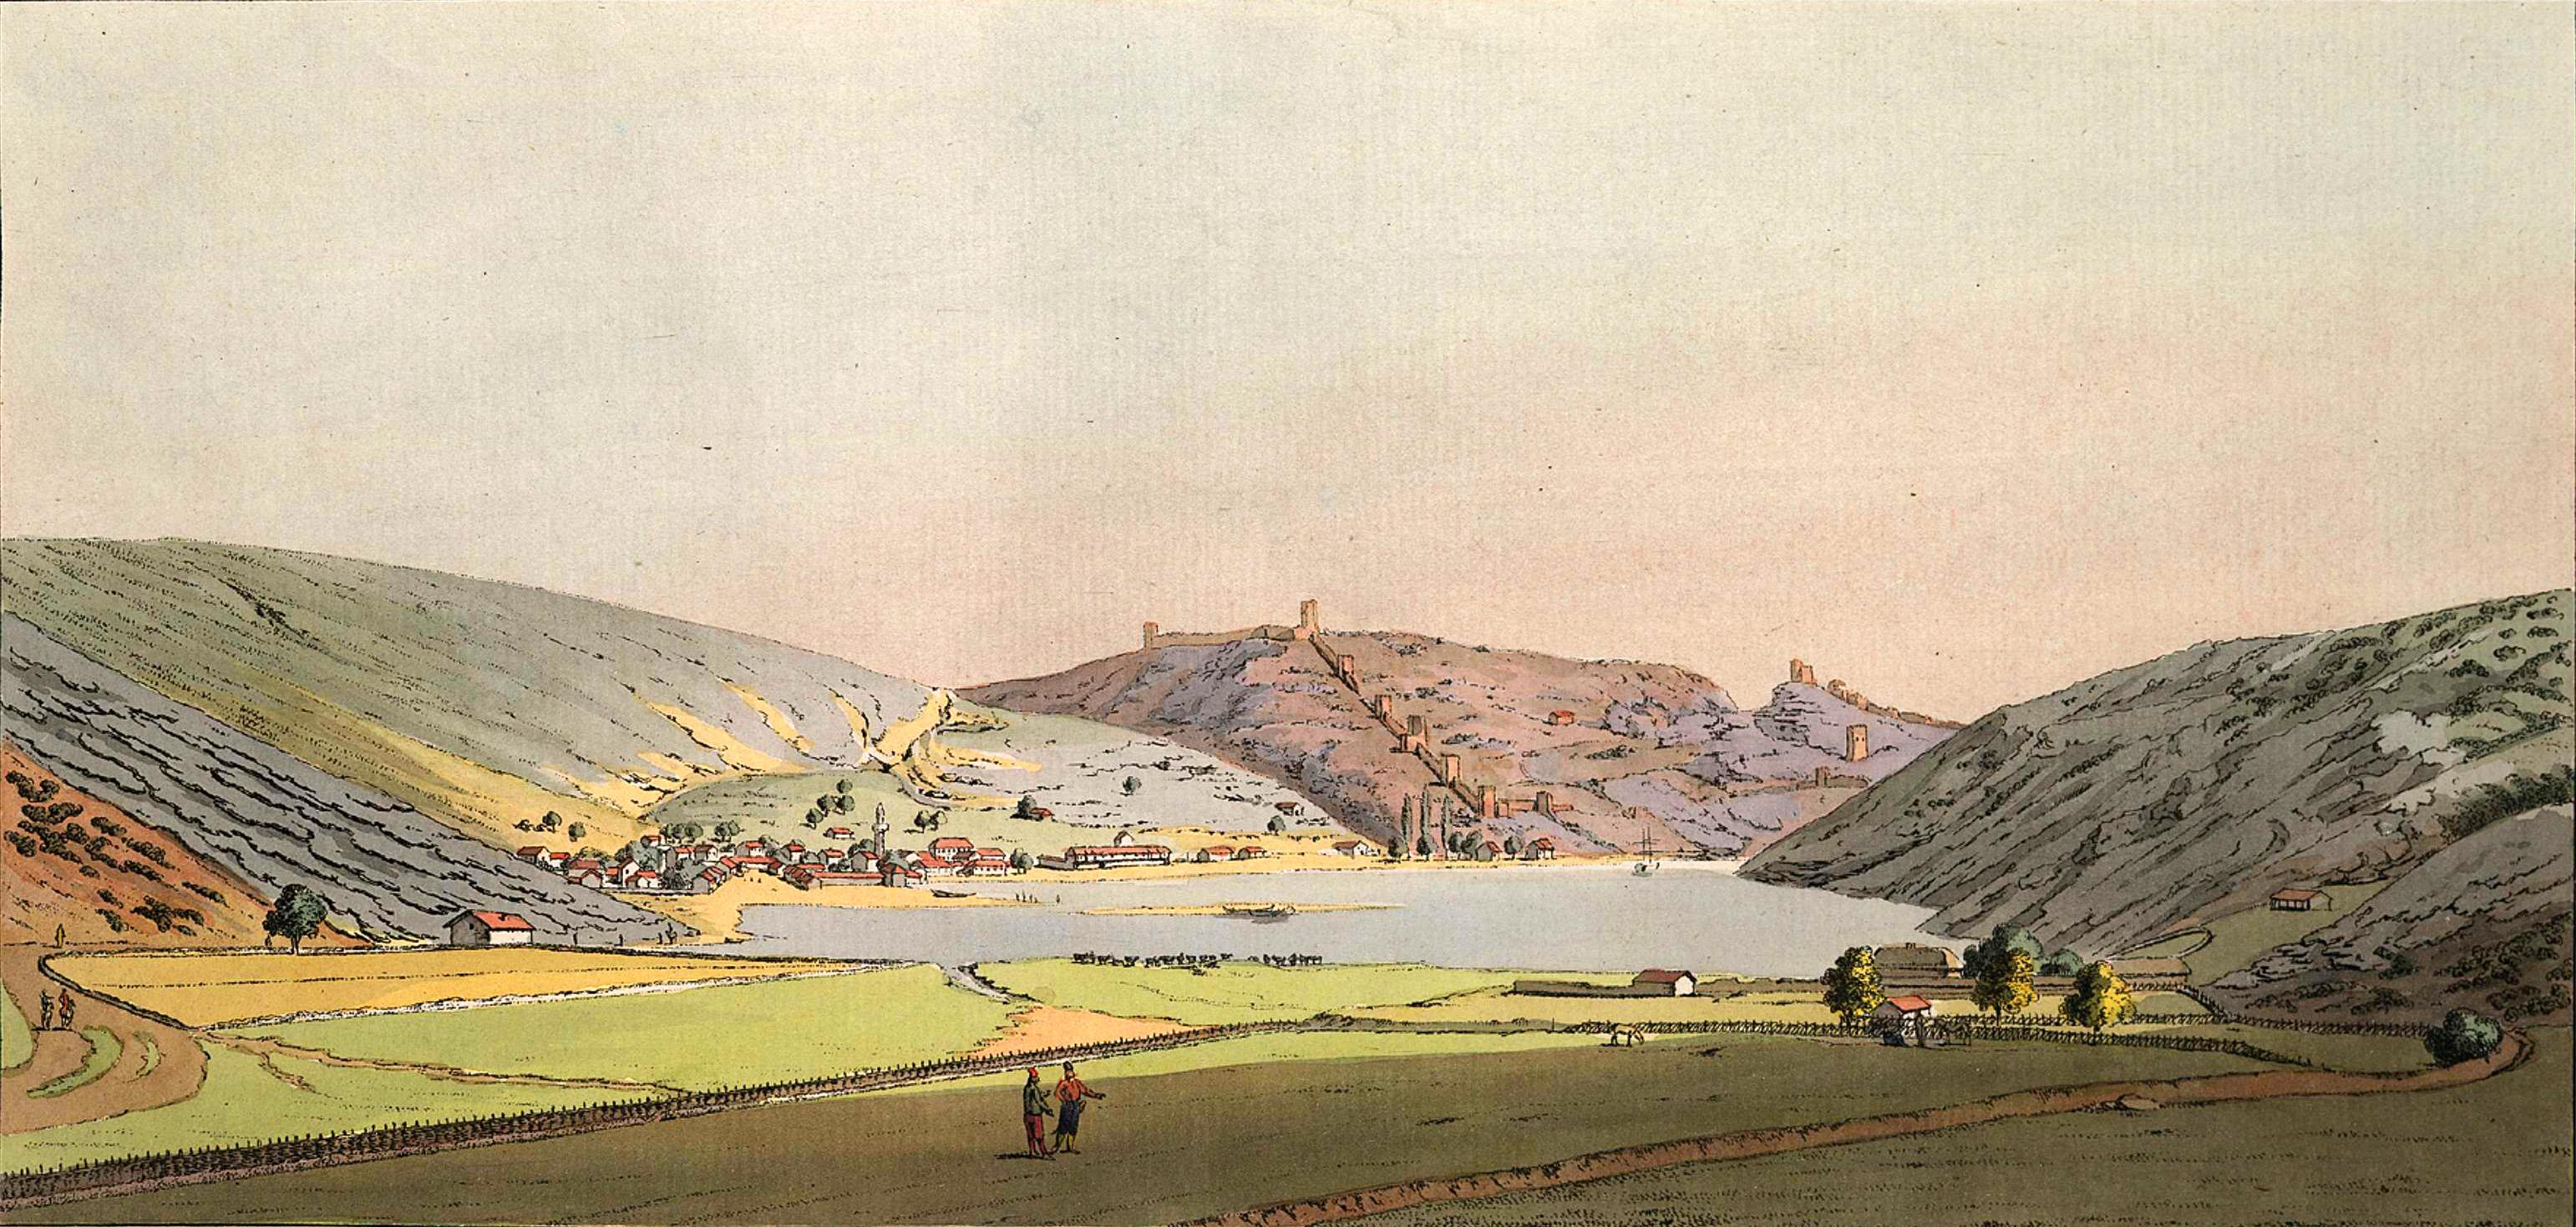 2-9. Вид Балаклавского порта с западной стороны, взятый с ее высшей точки, чтобы иметь перед собой весь город, обитаемый греками Албанского батальона и древнюю генуэзскую крепость, внизу которой примечается между высокими горами вход в порт.